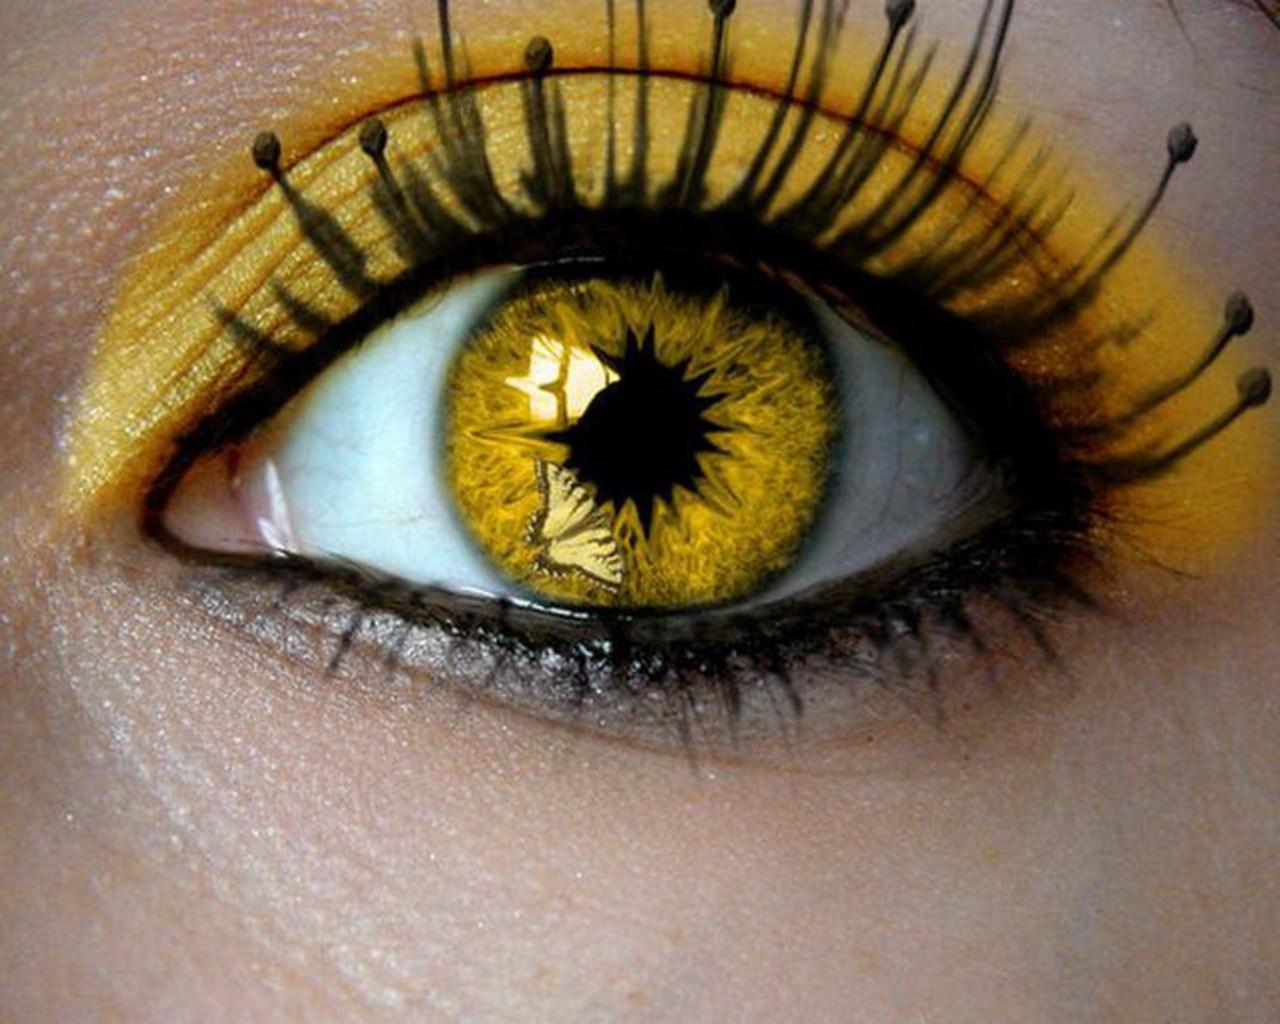 بالصور صور عيون عسليه , صور اجمل عيون عسلي 1377 8